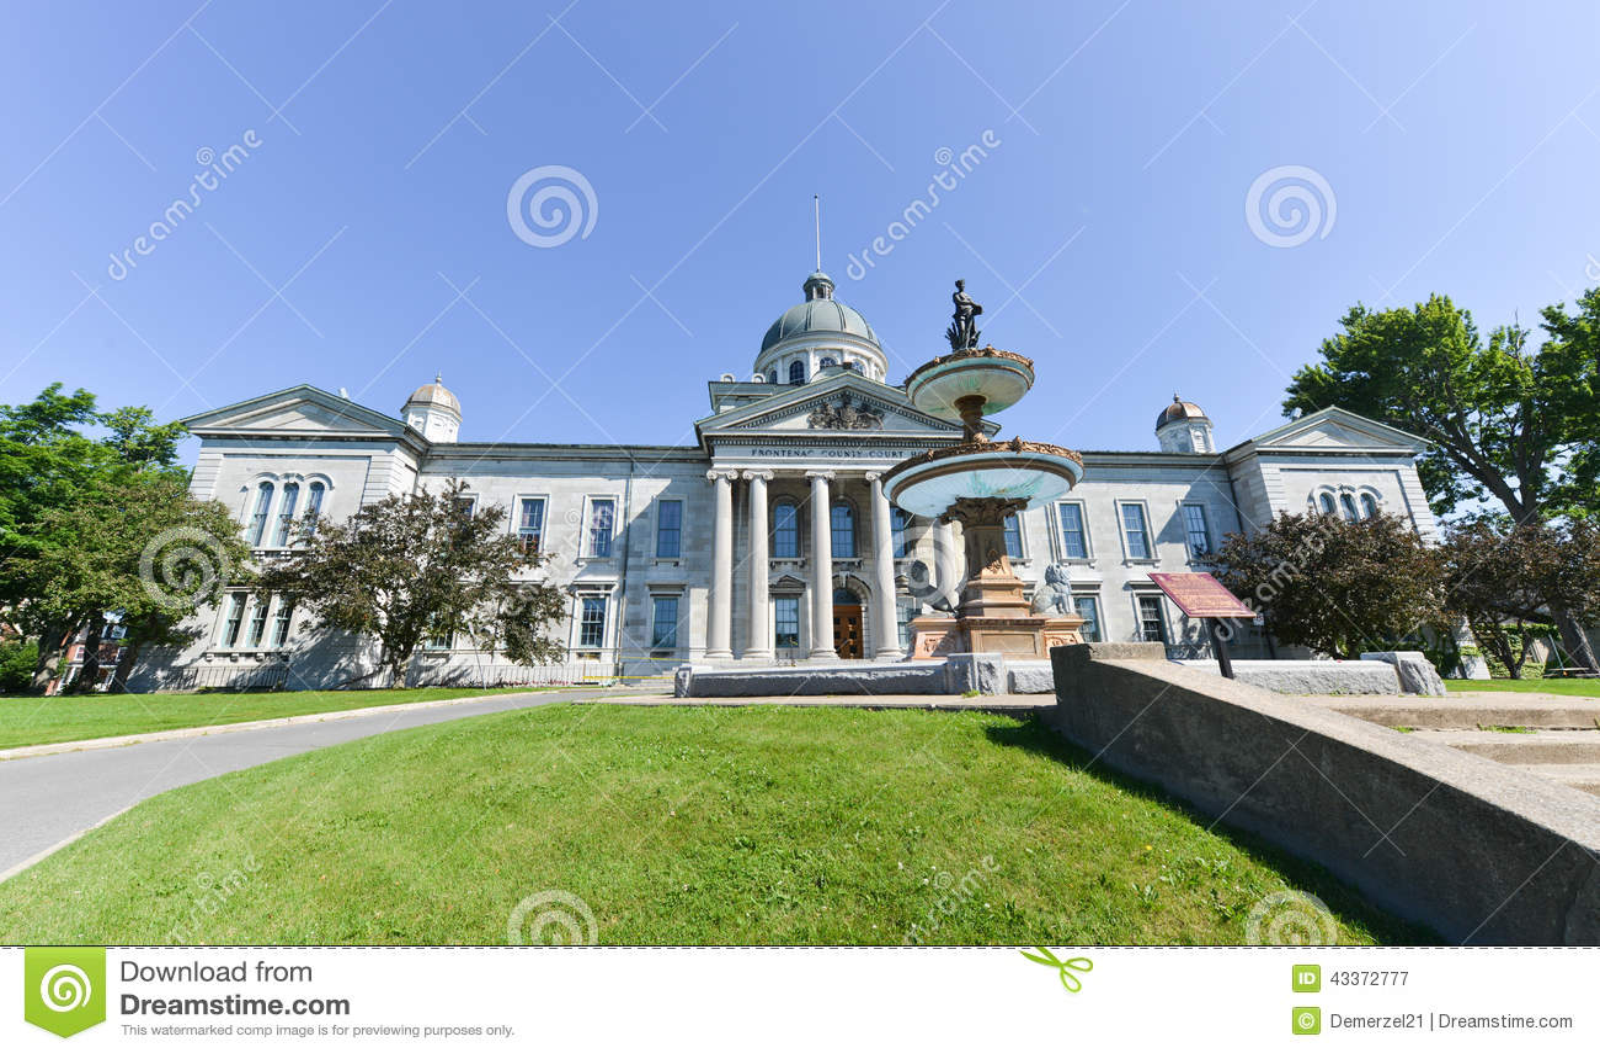 Camera di tribunale distrettuale di Frontenac a Kingston, Ontario, Canada